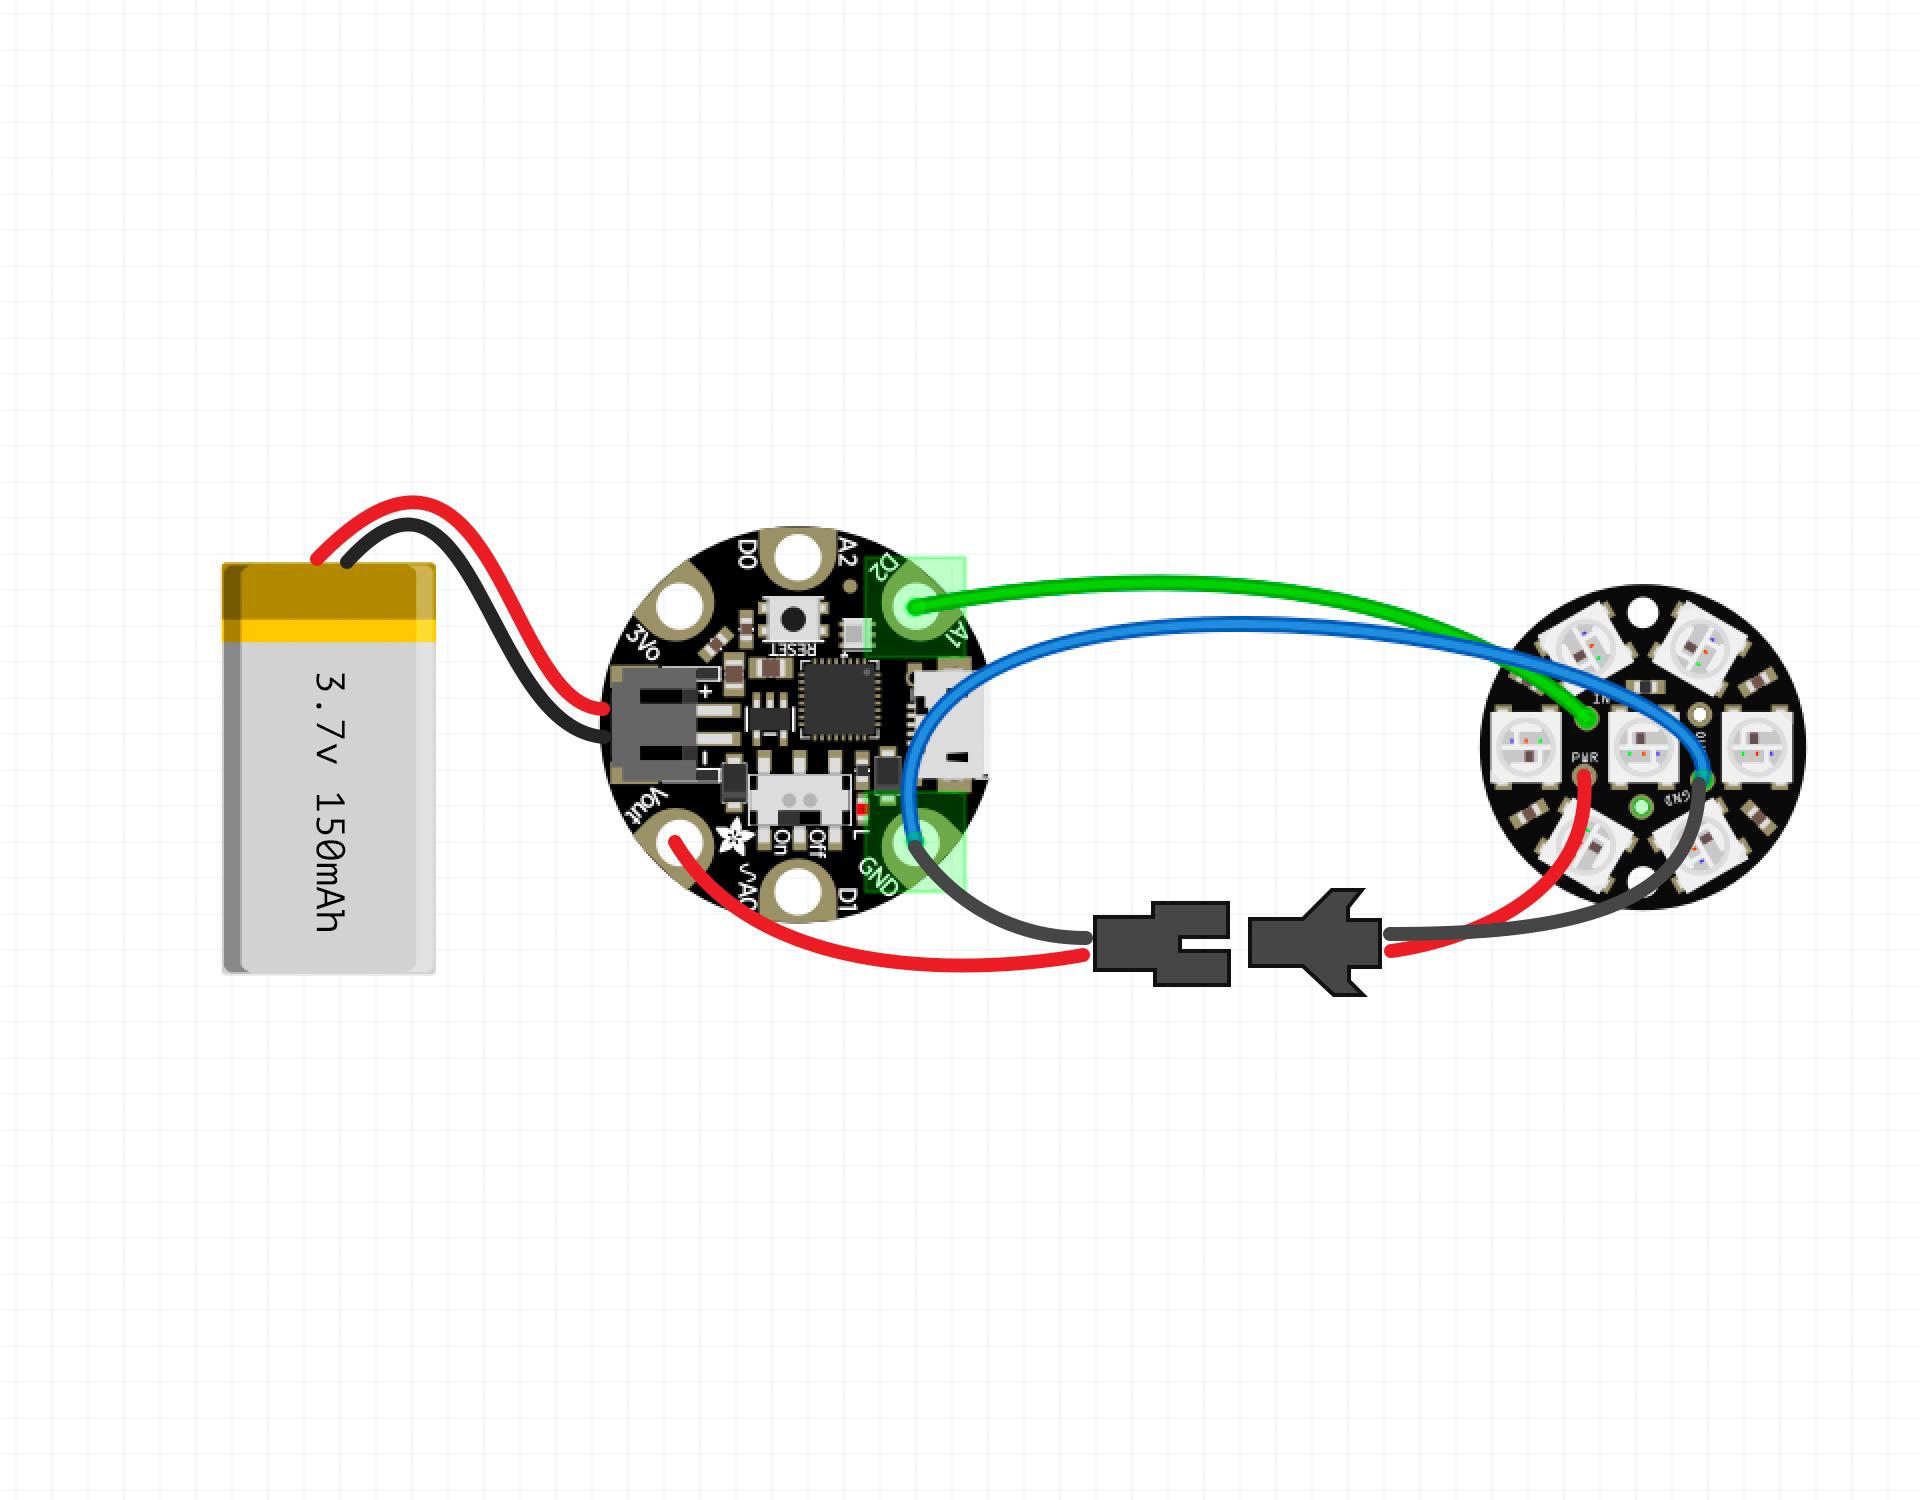 3d_printing_circuit-dagram.png